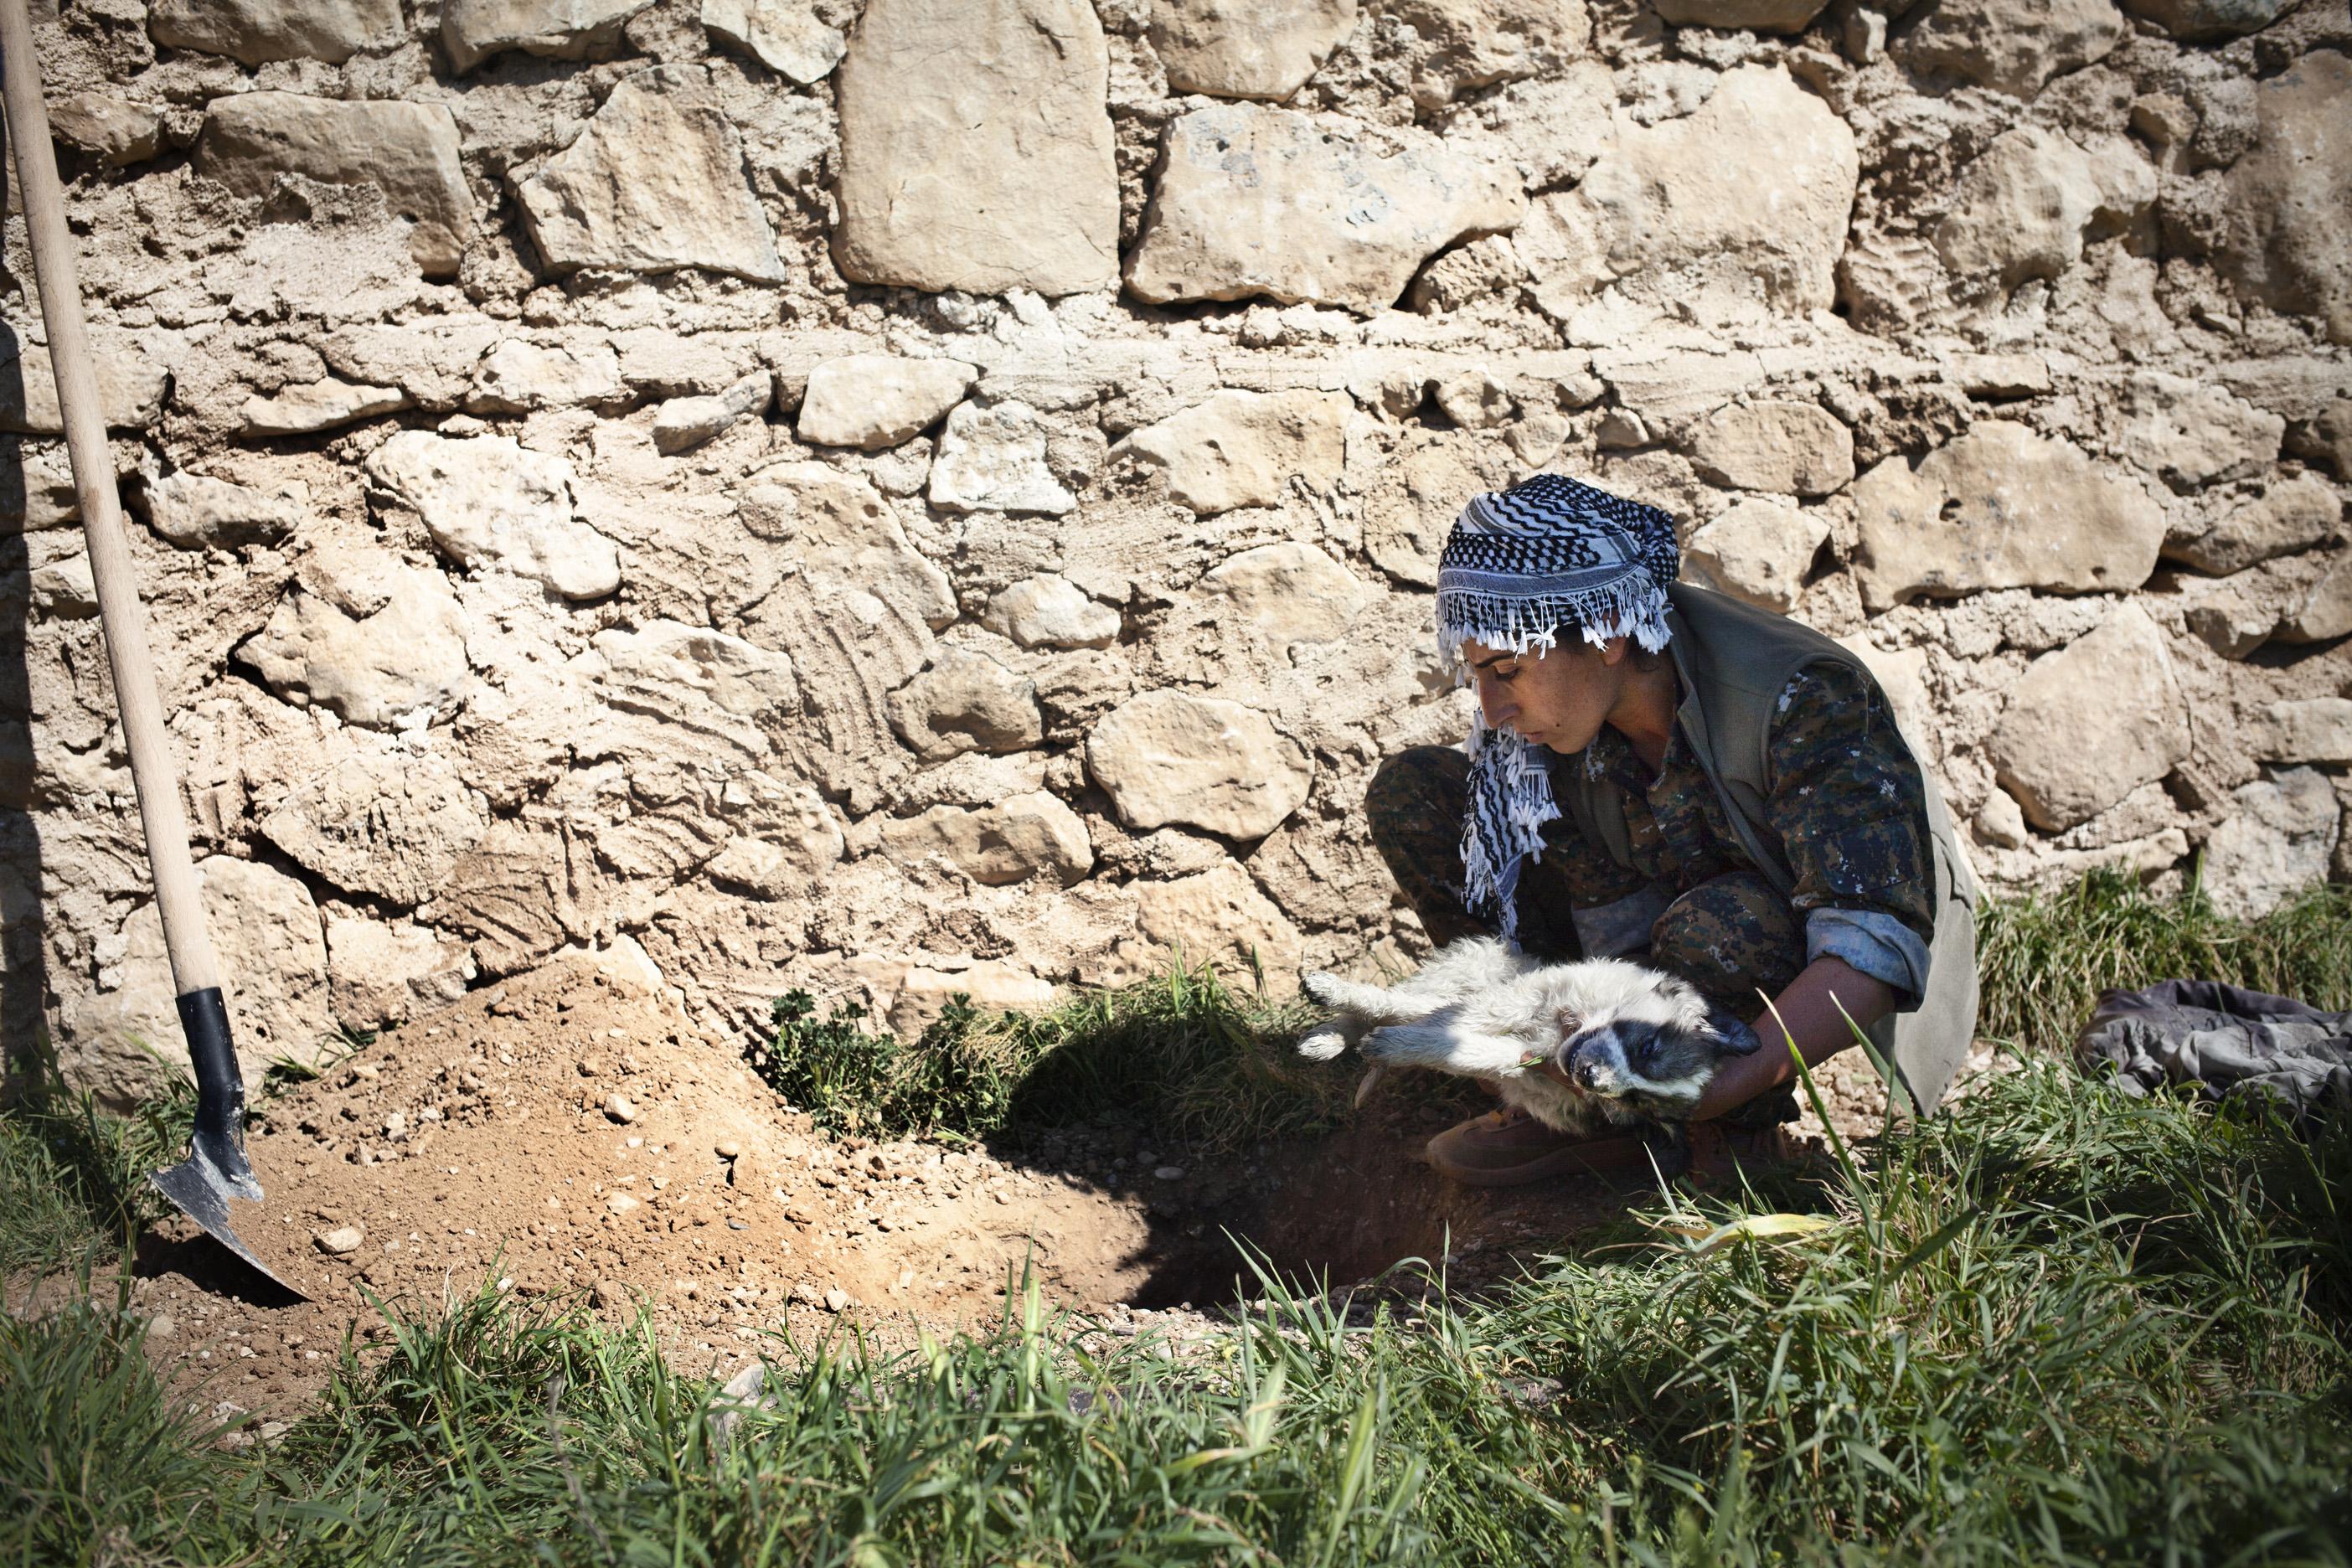 SINJAR, KURDISTAN, IRAQ- FEBRUARY, 2016: Une comabttante enterre un chiot mort sur leur base. Les combattantes du YBS dont font parti beaucoup de Yezidies attendent de prendre les villages autour de la ville de Sinjar toujours aux mains de Daech.  (picture by Veronique de Viguerie/ Reportage by Getty Images )